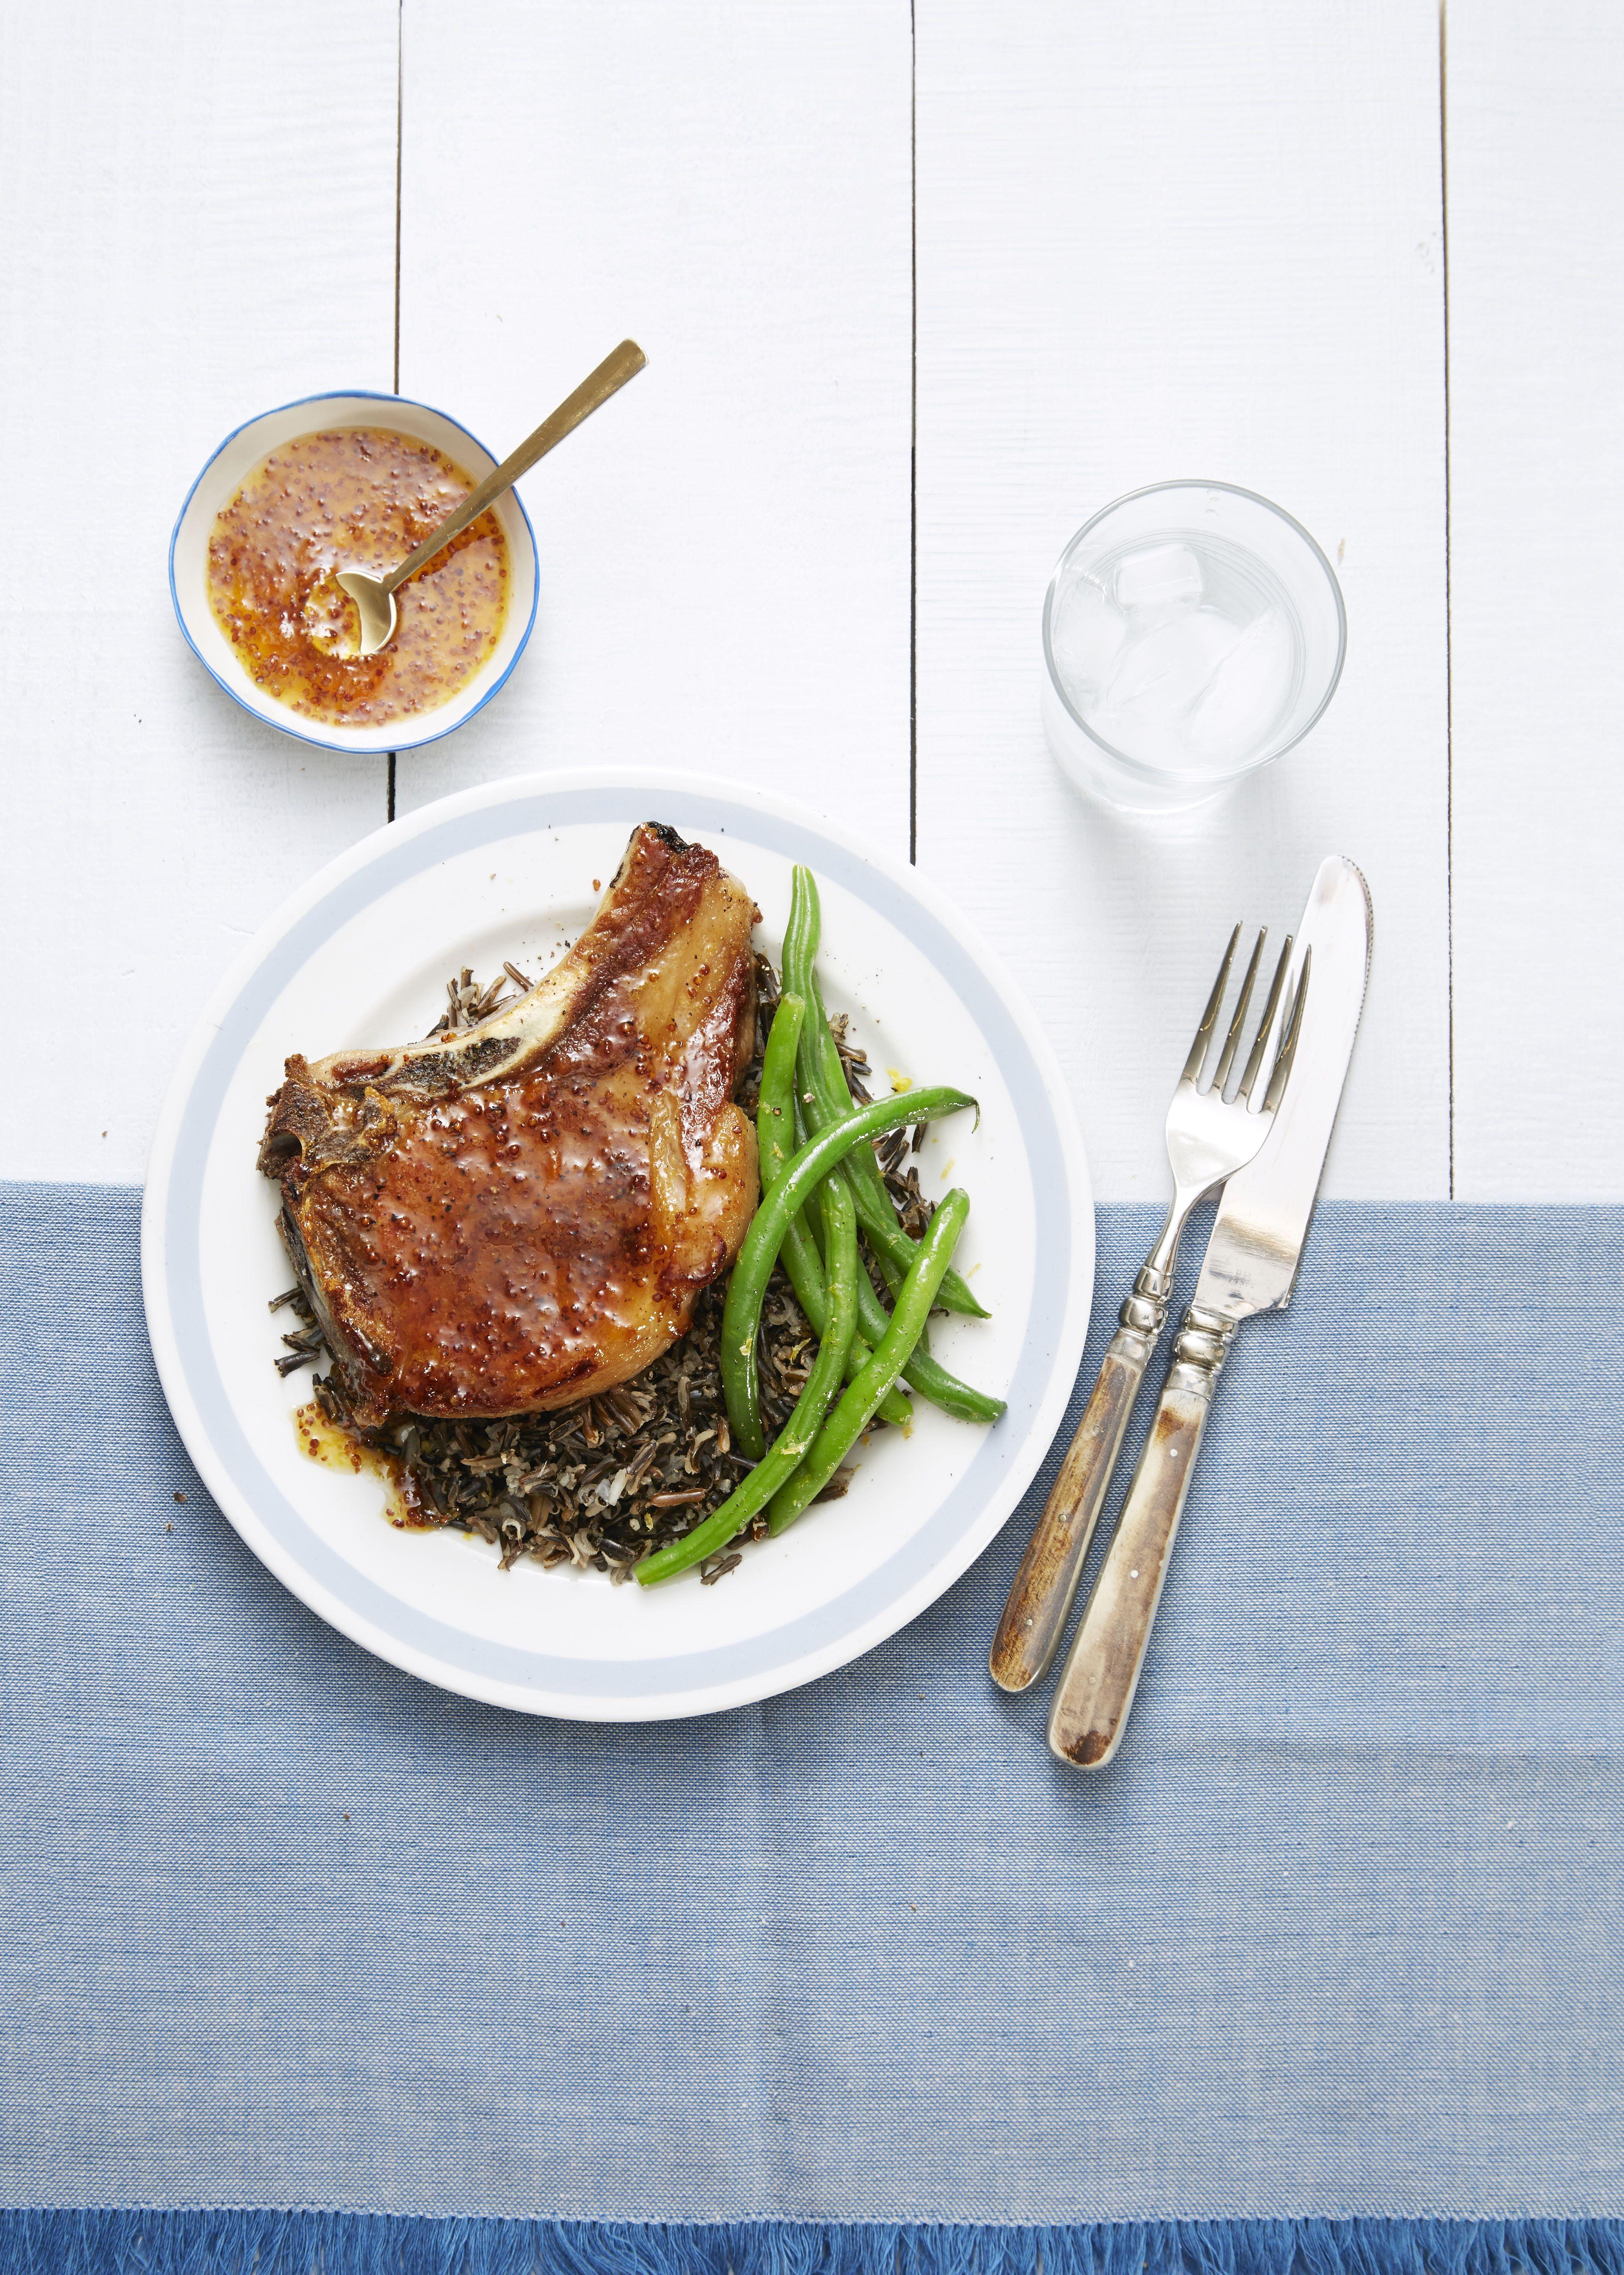 50 Best Pork Recipes - Easy Pork Dinner Ideas